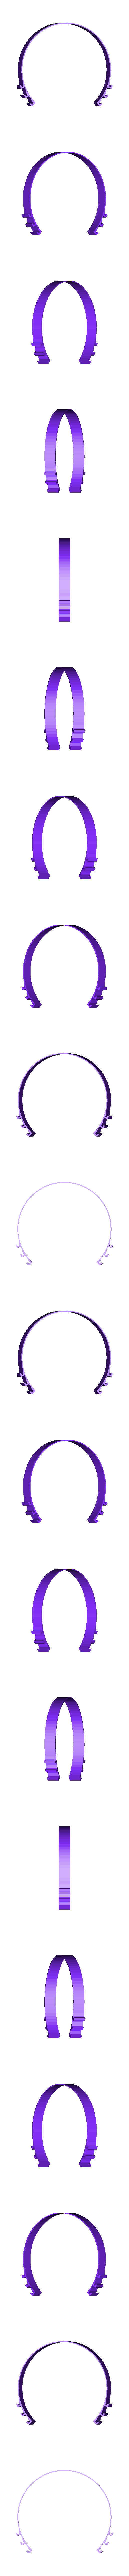 DIADEMA_SUJECCIÓN_MASCARIL MAS GRANDE.stl Télécharger fichier STL gratuit Porte-masque simple et double courbe + Boucle d'oreille (pour sauver les oreilles) • Objet pour imprimante 3D, celtarra12